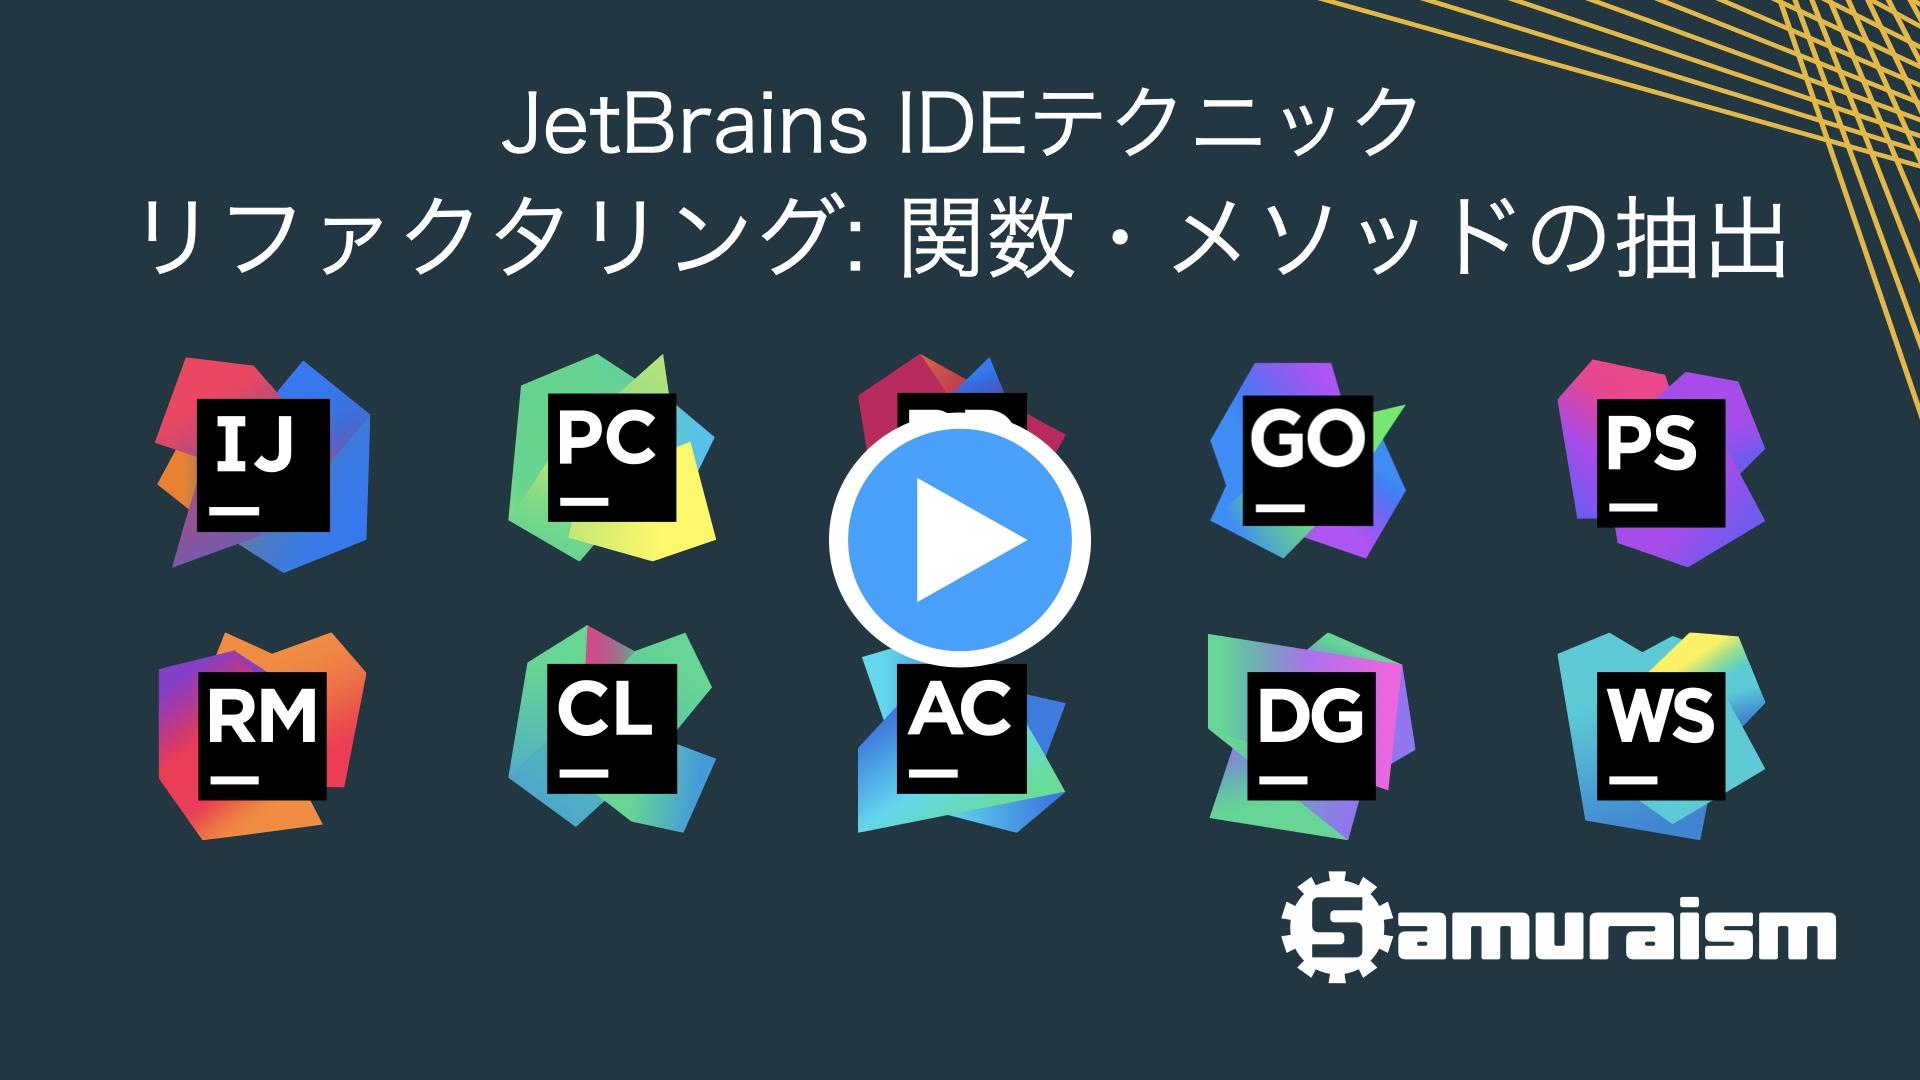 #JetBrainsIDEテクニック リファクタリング: 関数・メソッドの抽出